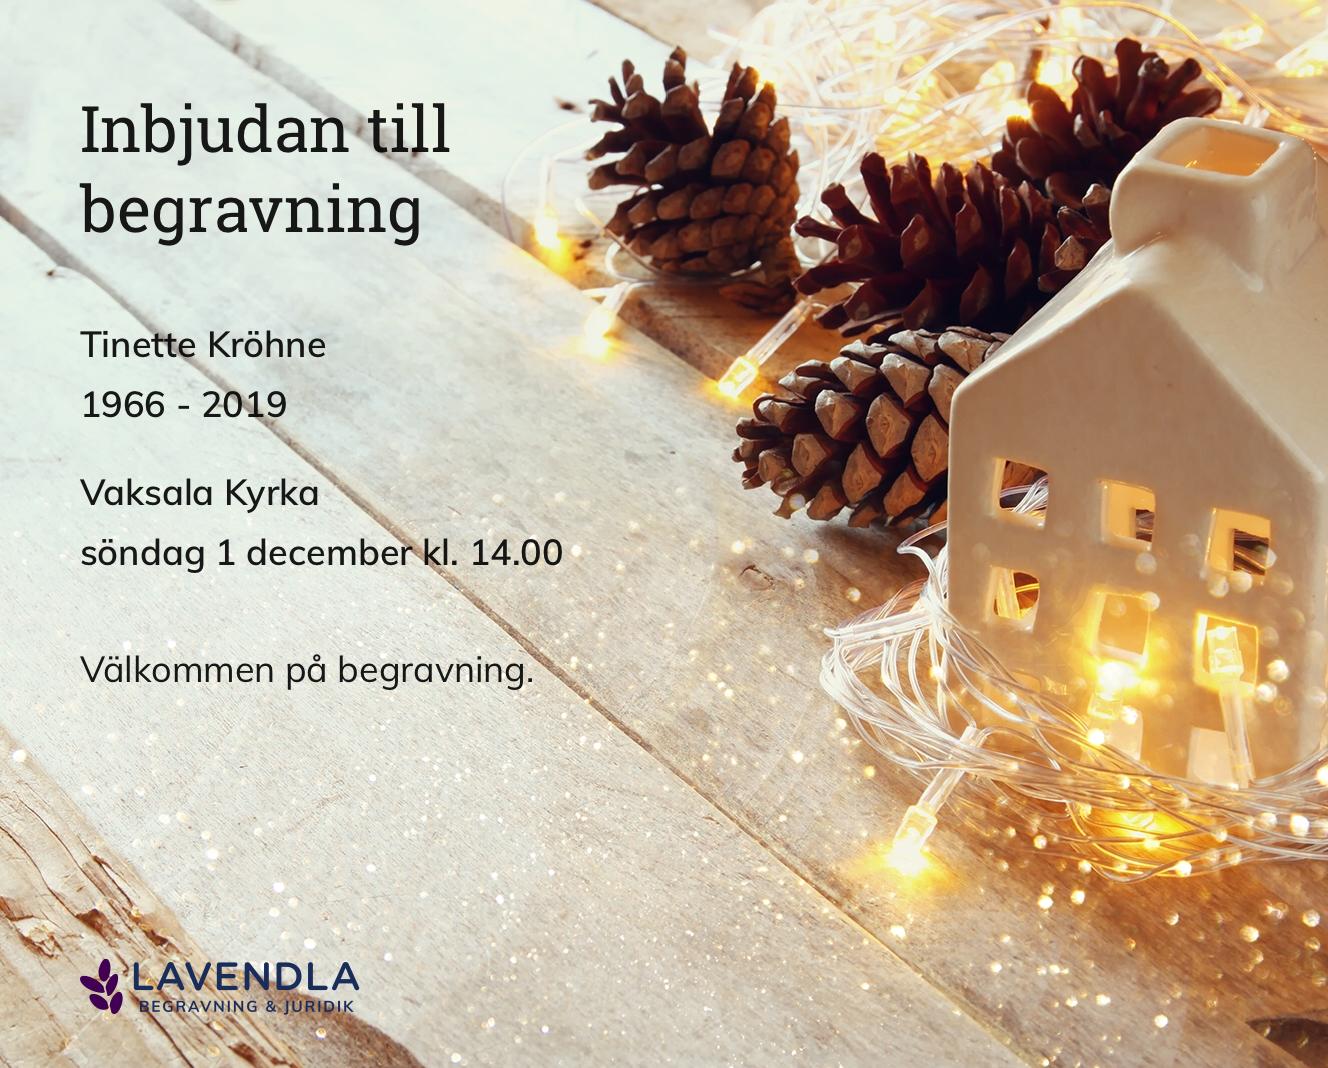 Inbjudningskort till ceremonin för Tinette Kröhne